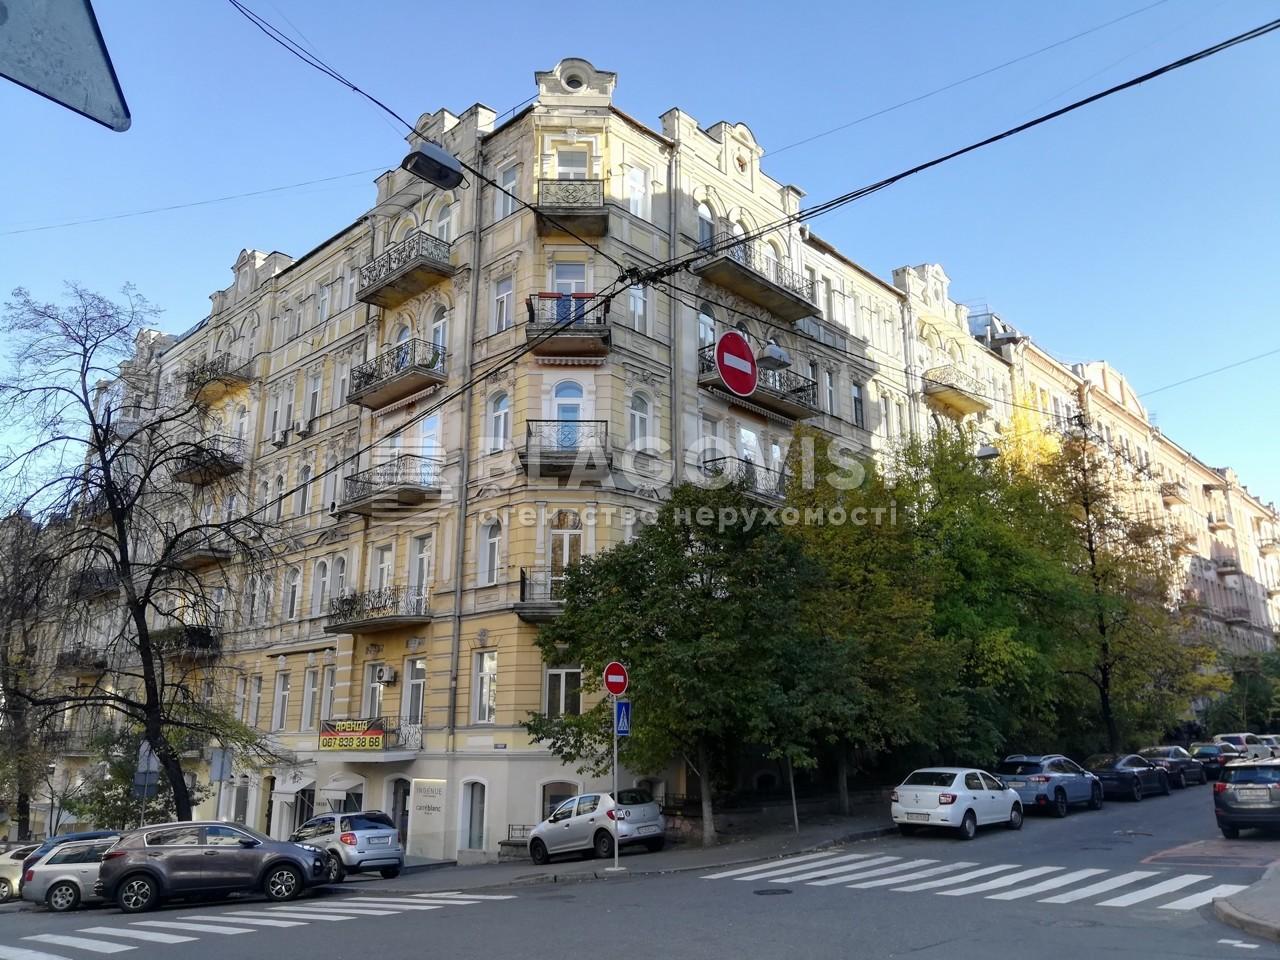 Нежилое помещение, H-49502, Станиславского, Киев - Фото 2